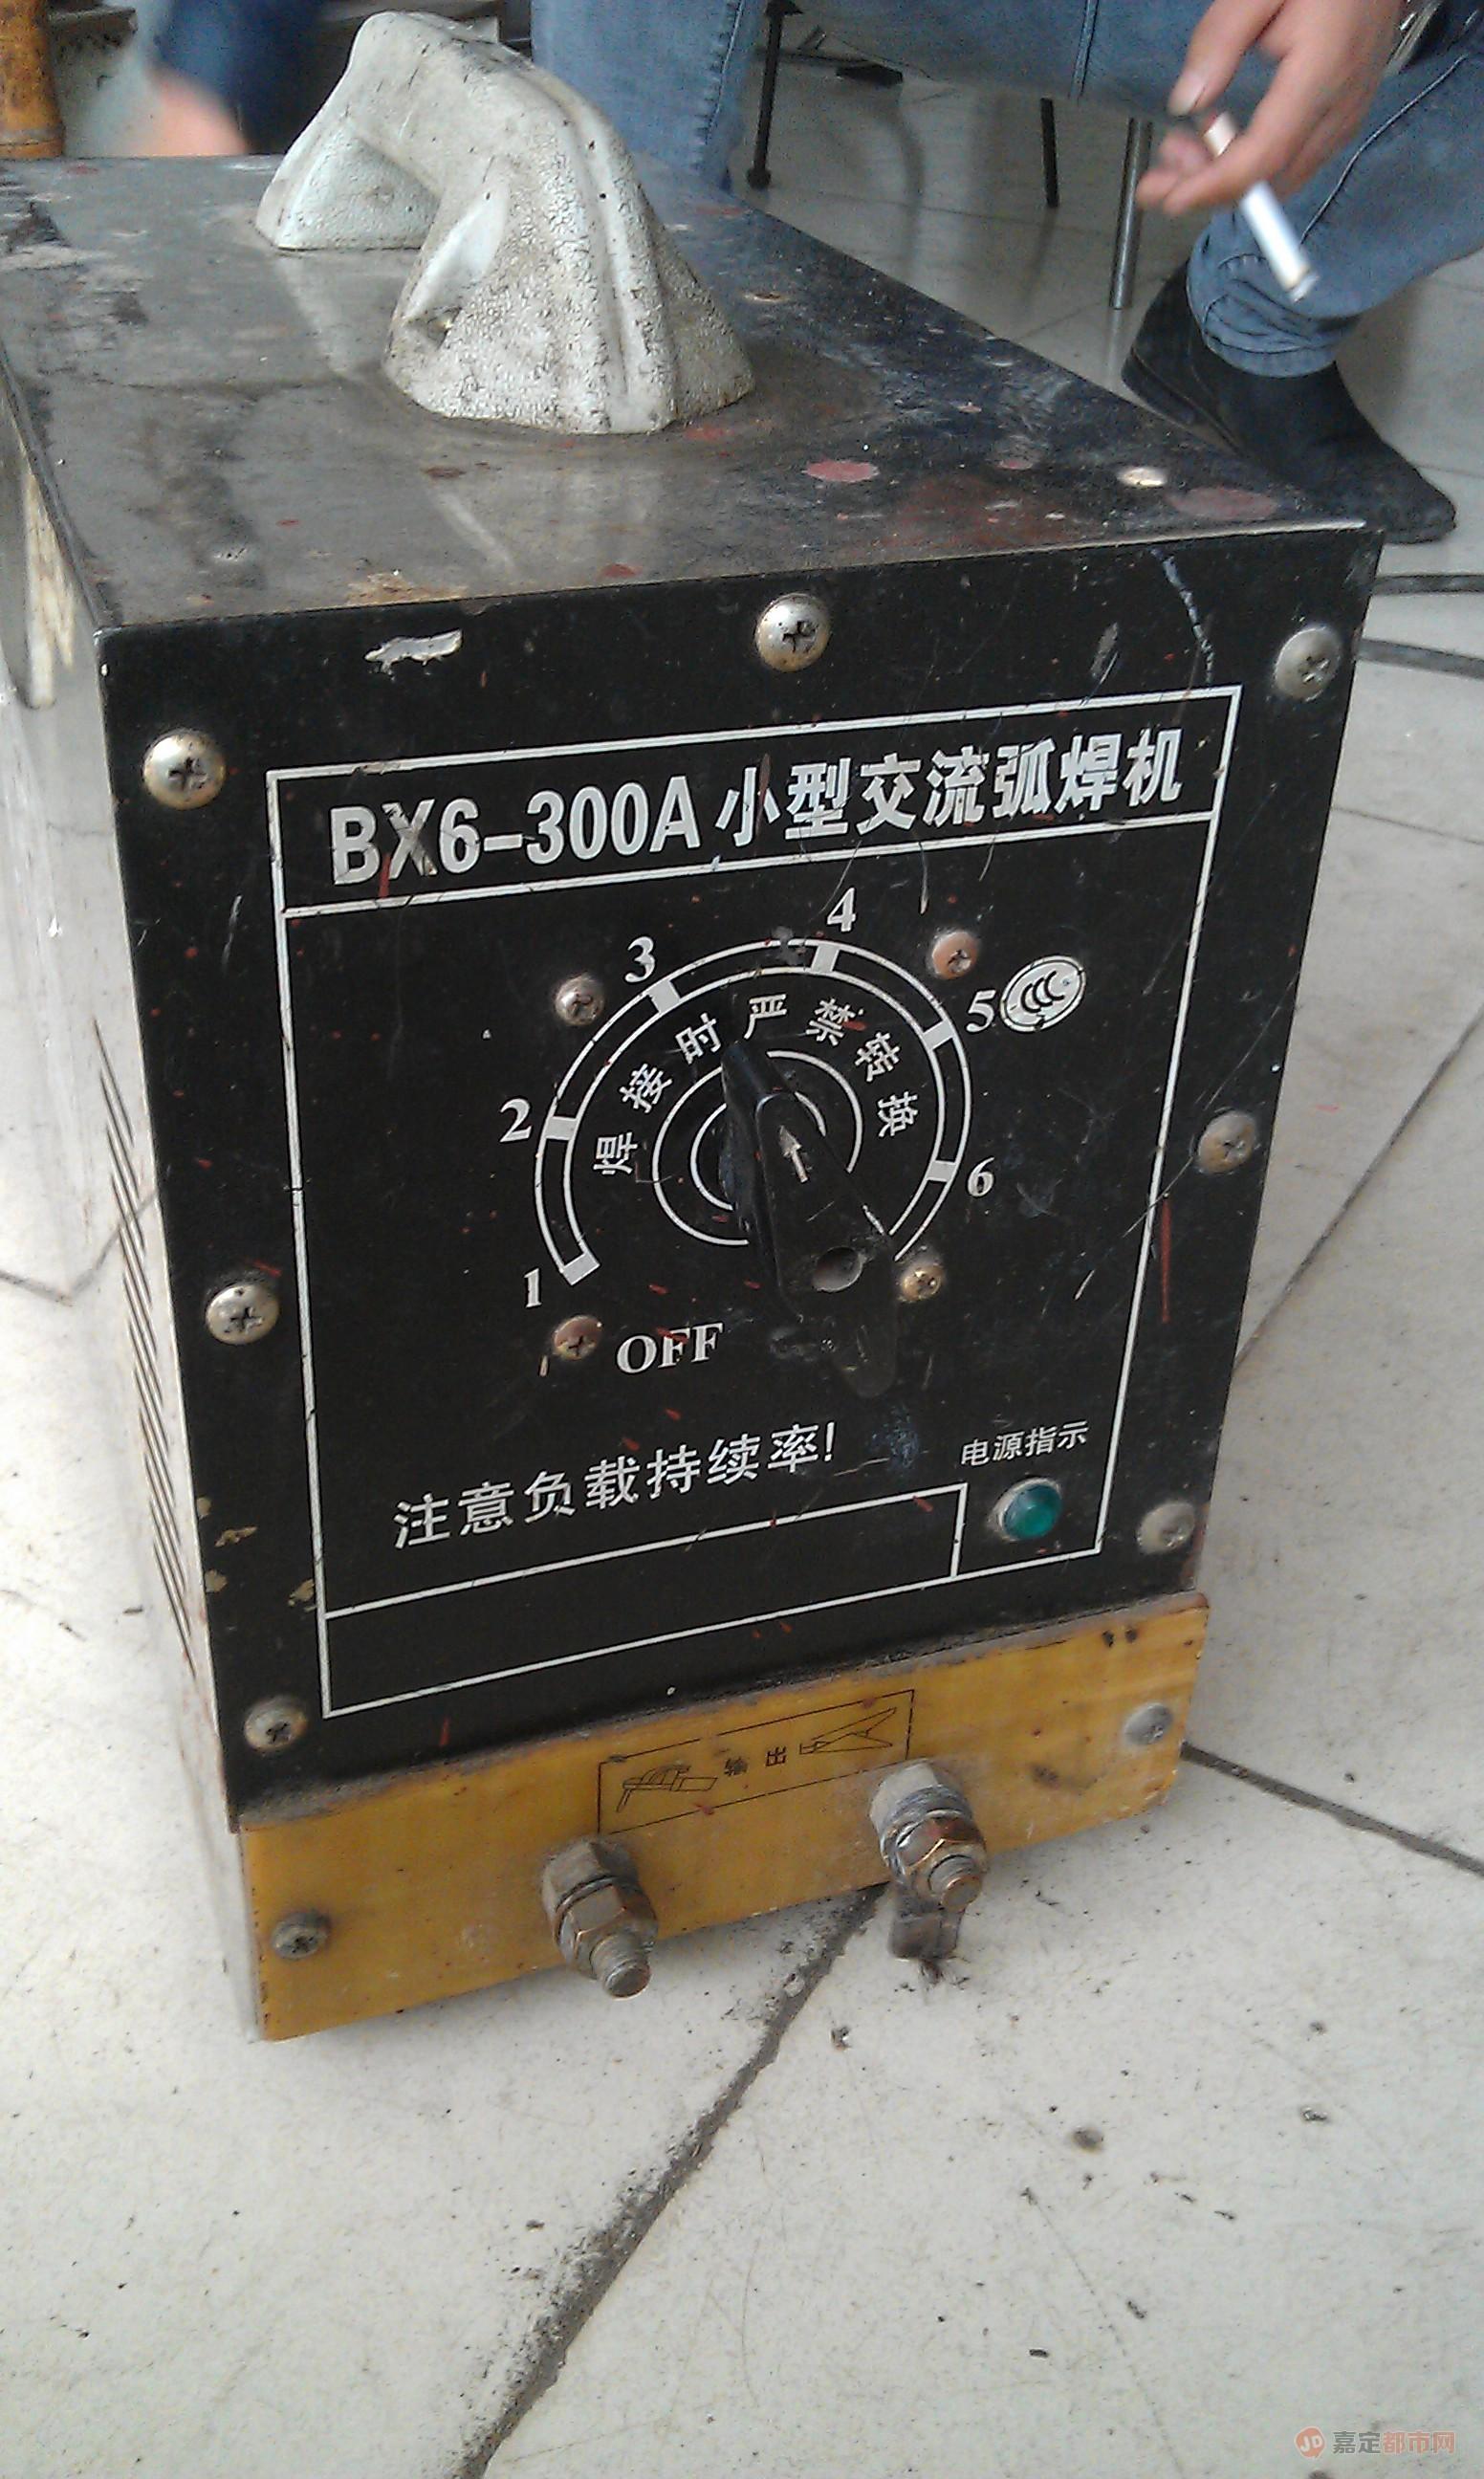 电焊机 220v 380v都能用 日用百货 嘉定都市网图片